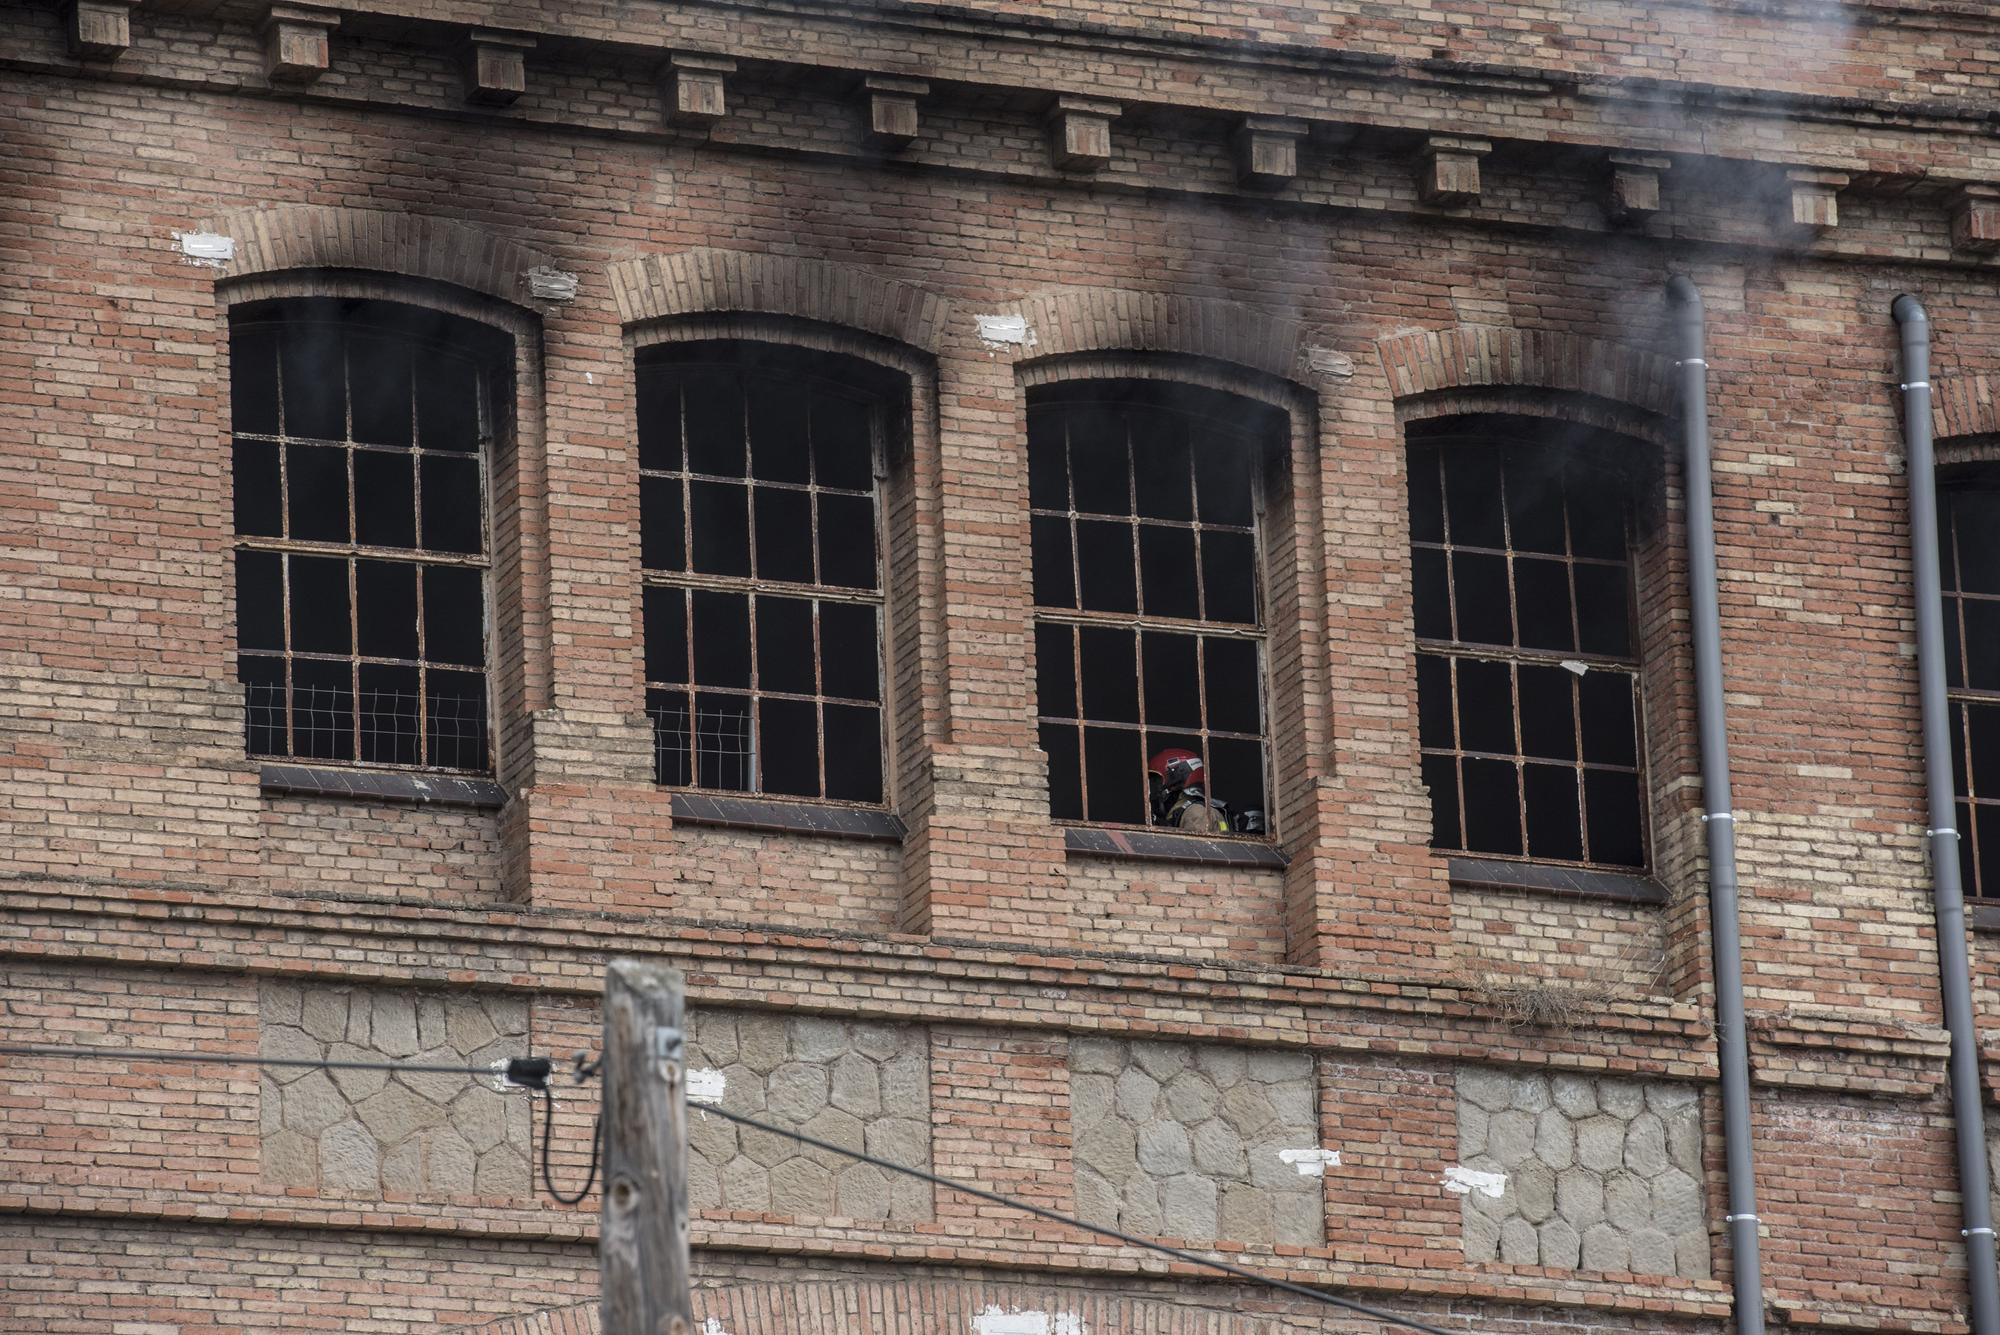 Incendi a la Fàbrica Nova de Manresa